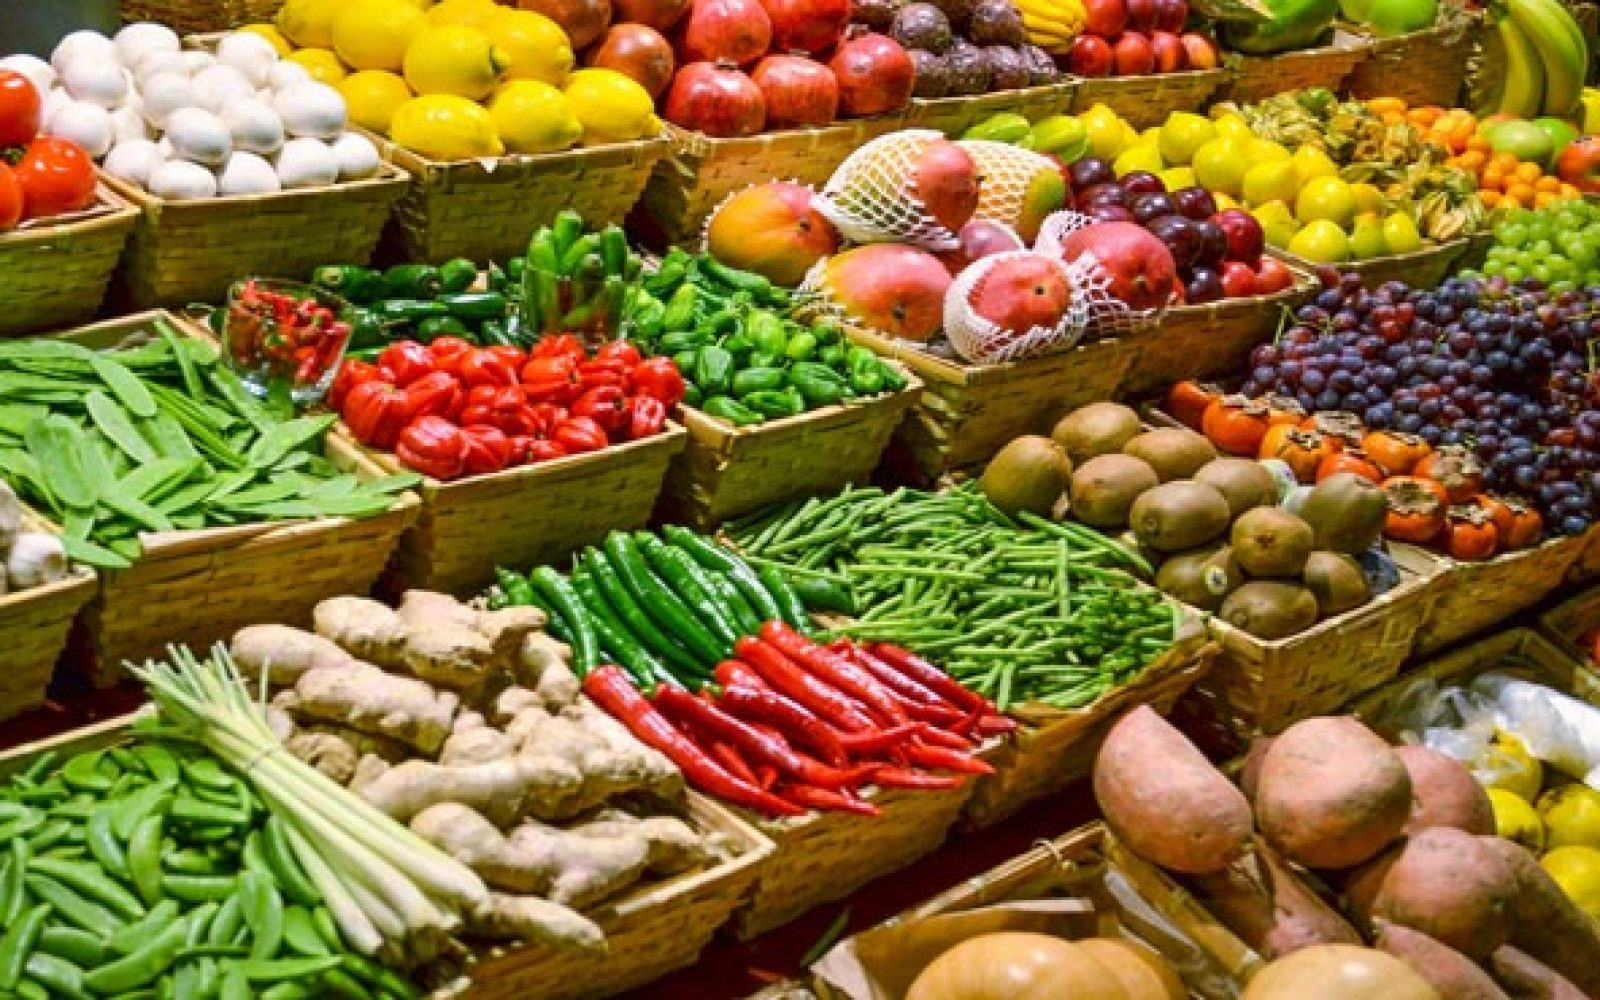 صورة أسعار الخضروات في مصر اليوم.. انخفاض البطاطس والبصل